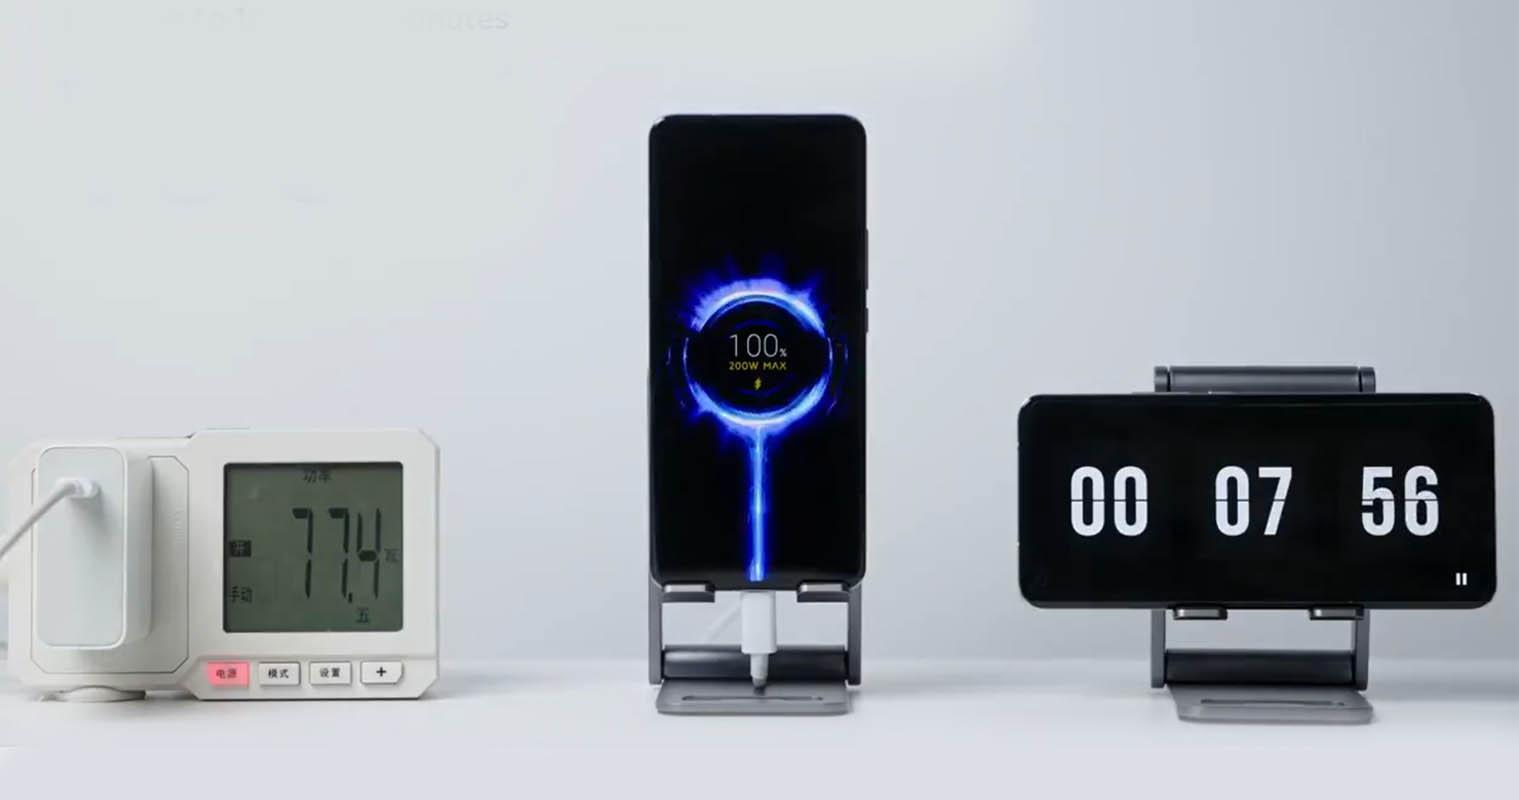 Xiaomi asegura que su carga rápida de 200W no daña en exceso la batería. Noticias Xiaomi Adictos